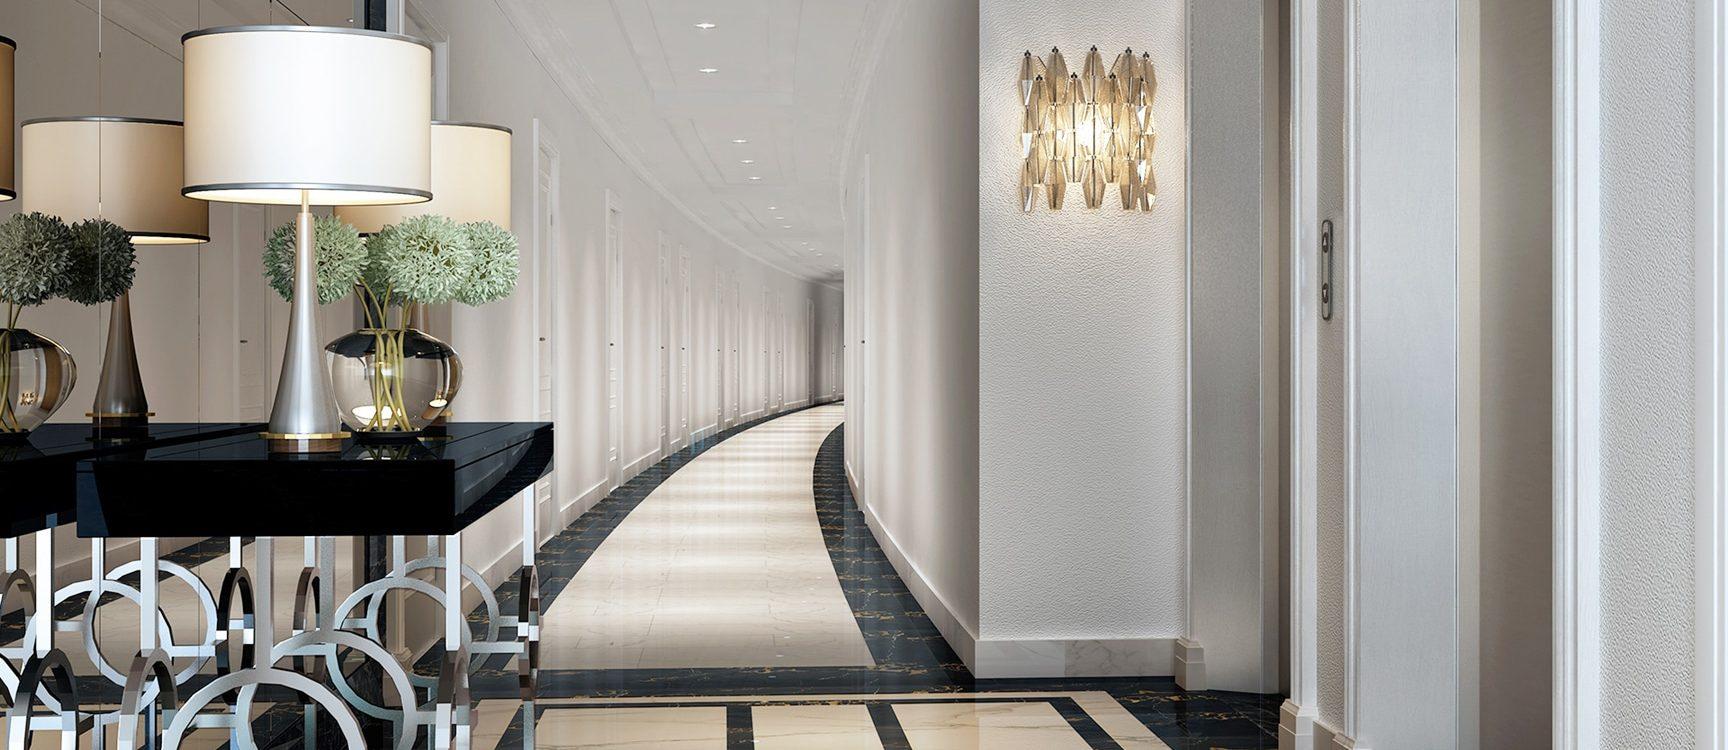 apartments-for-sale-in-vincitore-benessere-dubai-view8